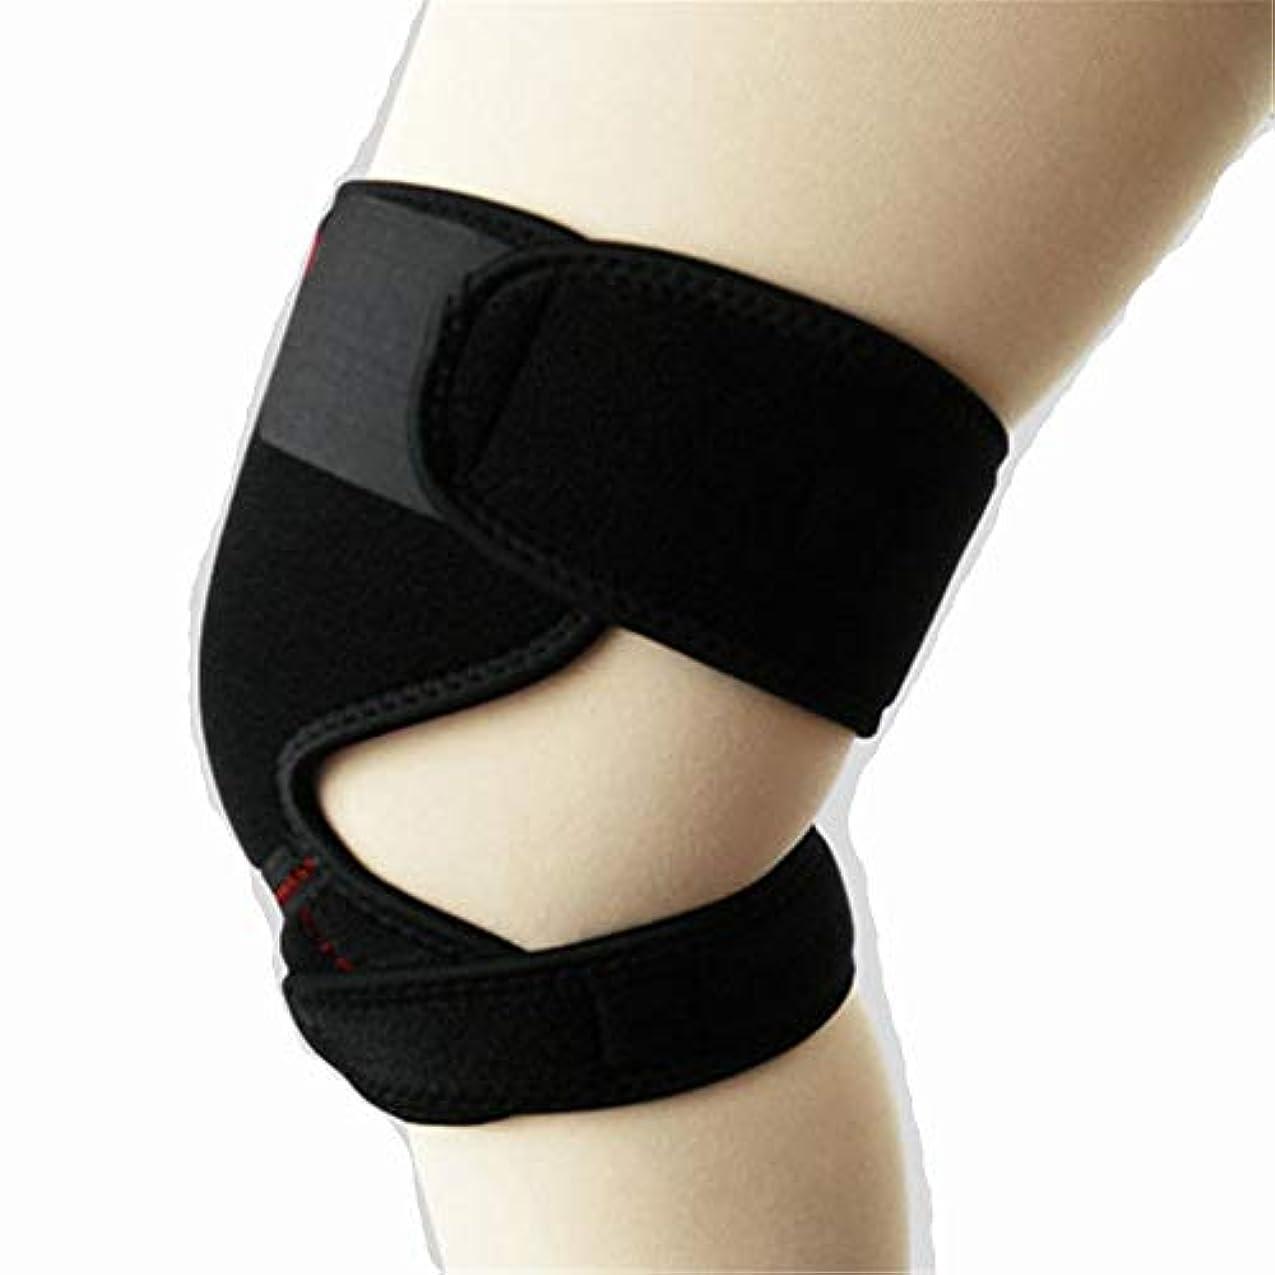 識別明らかトレース痛みを軽減する傷害の回復バスケットボールとその他のスポーツ1本のひざ掛けサポート圧縮スリーブを実行する